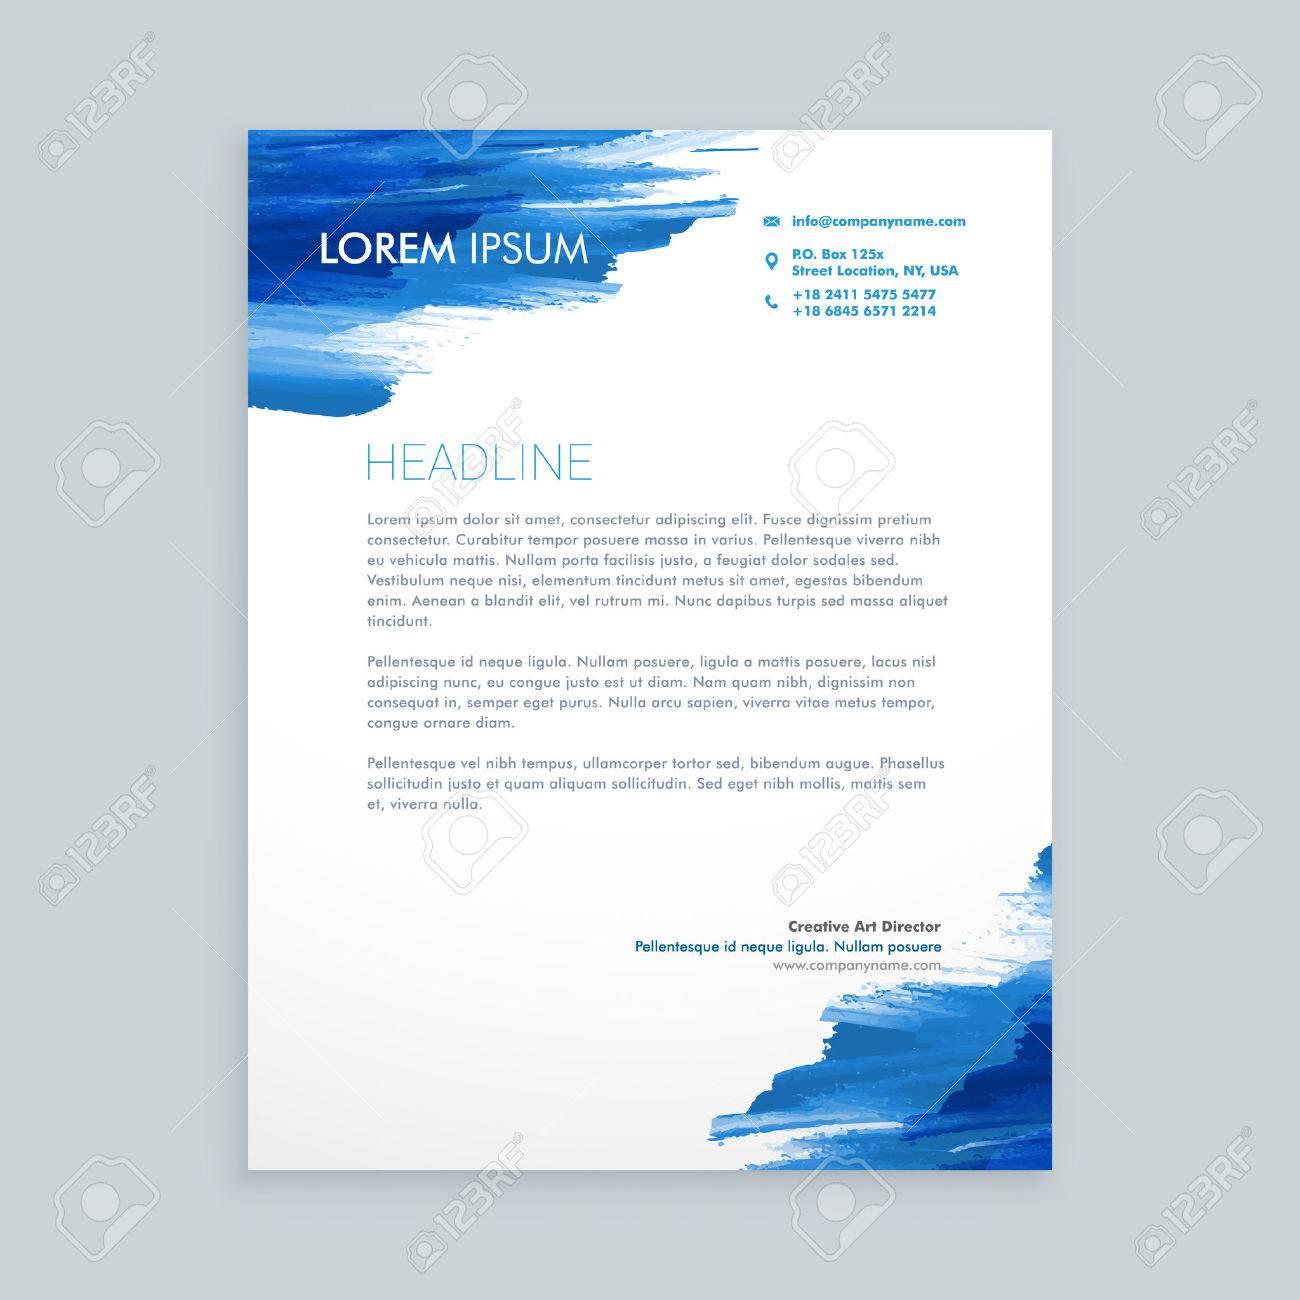 Blau Fließende Tinte Briefkopf Vorlage Lizenzfrei Nutzbare